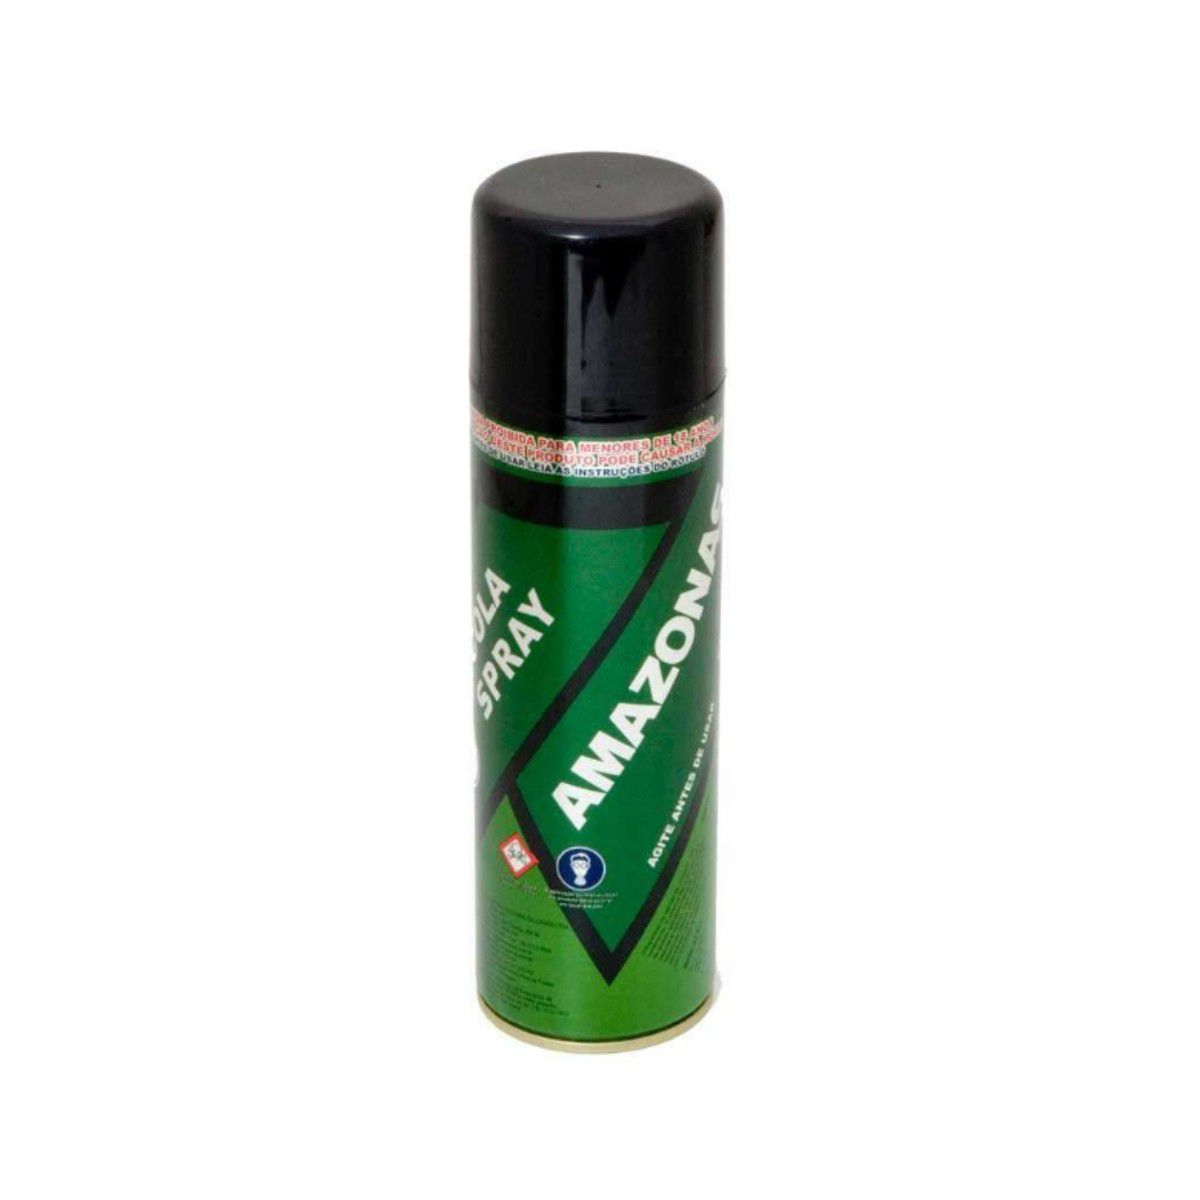 6 Cola De Contato Spray Amazonas 340g Tapeceiro